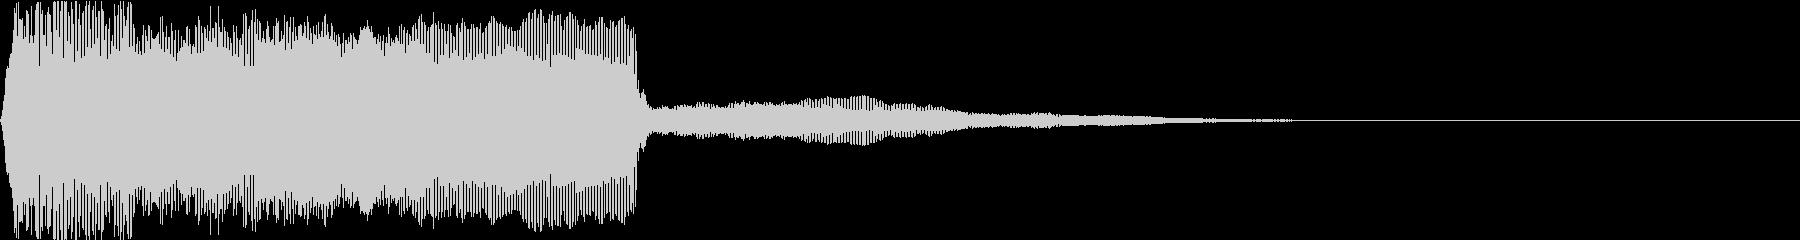 レゲエやDJで使われるホーン(ラッパ)音の未再生の波形